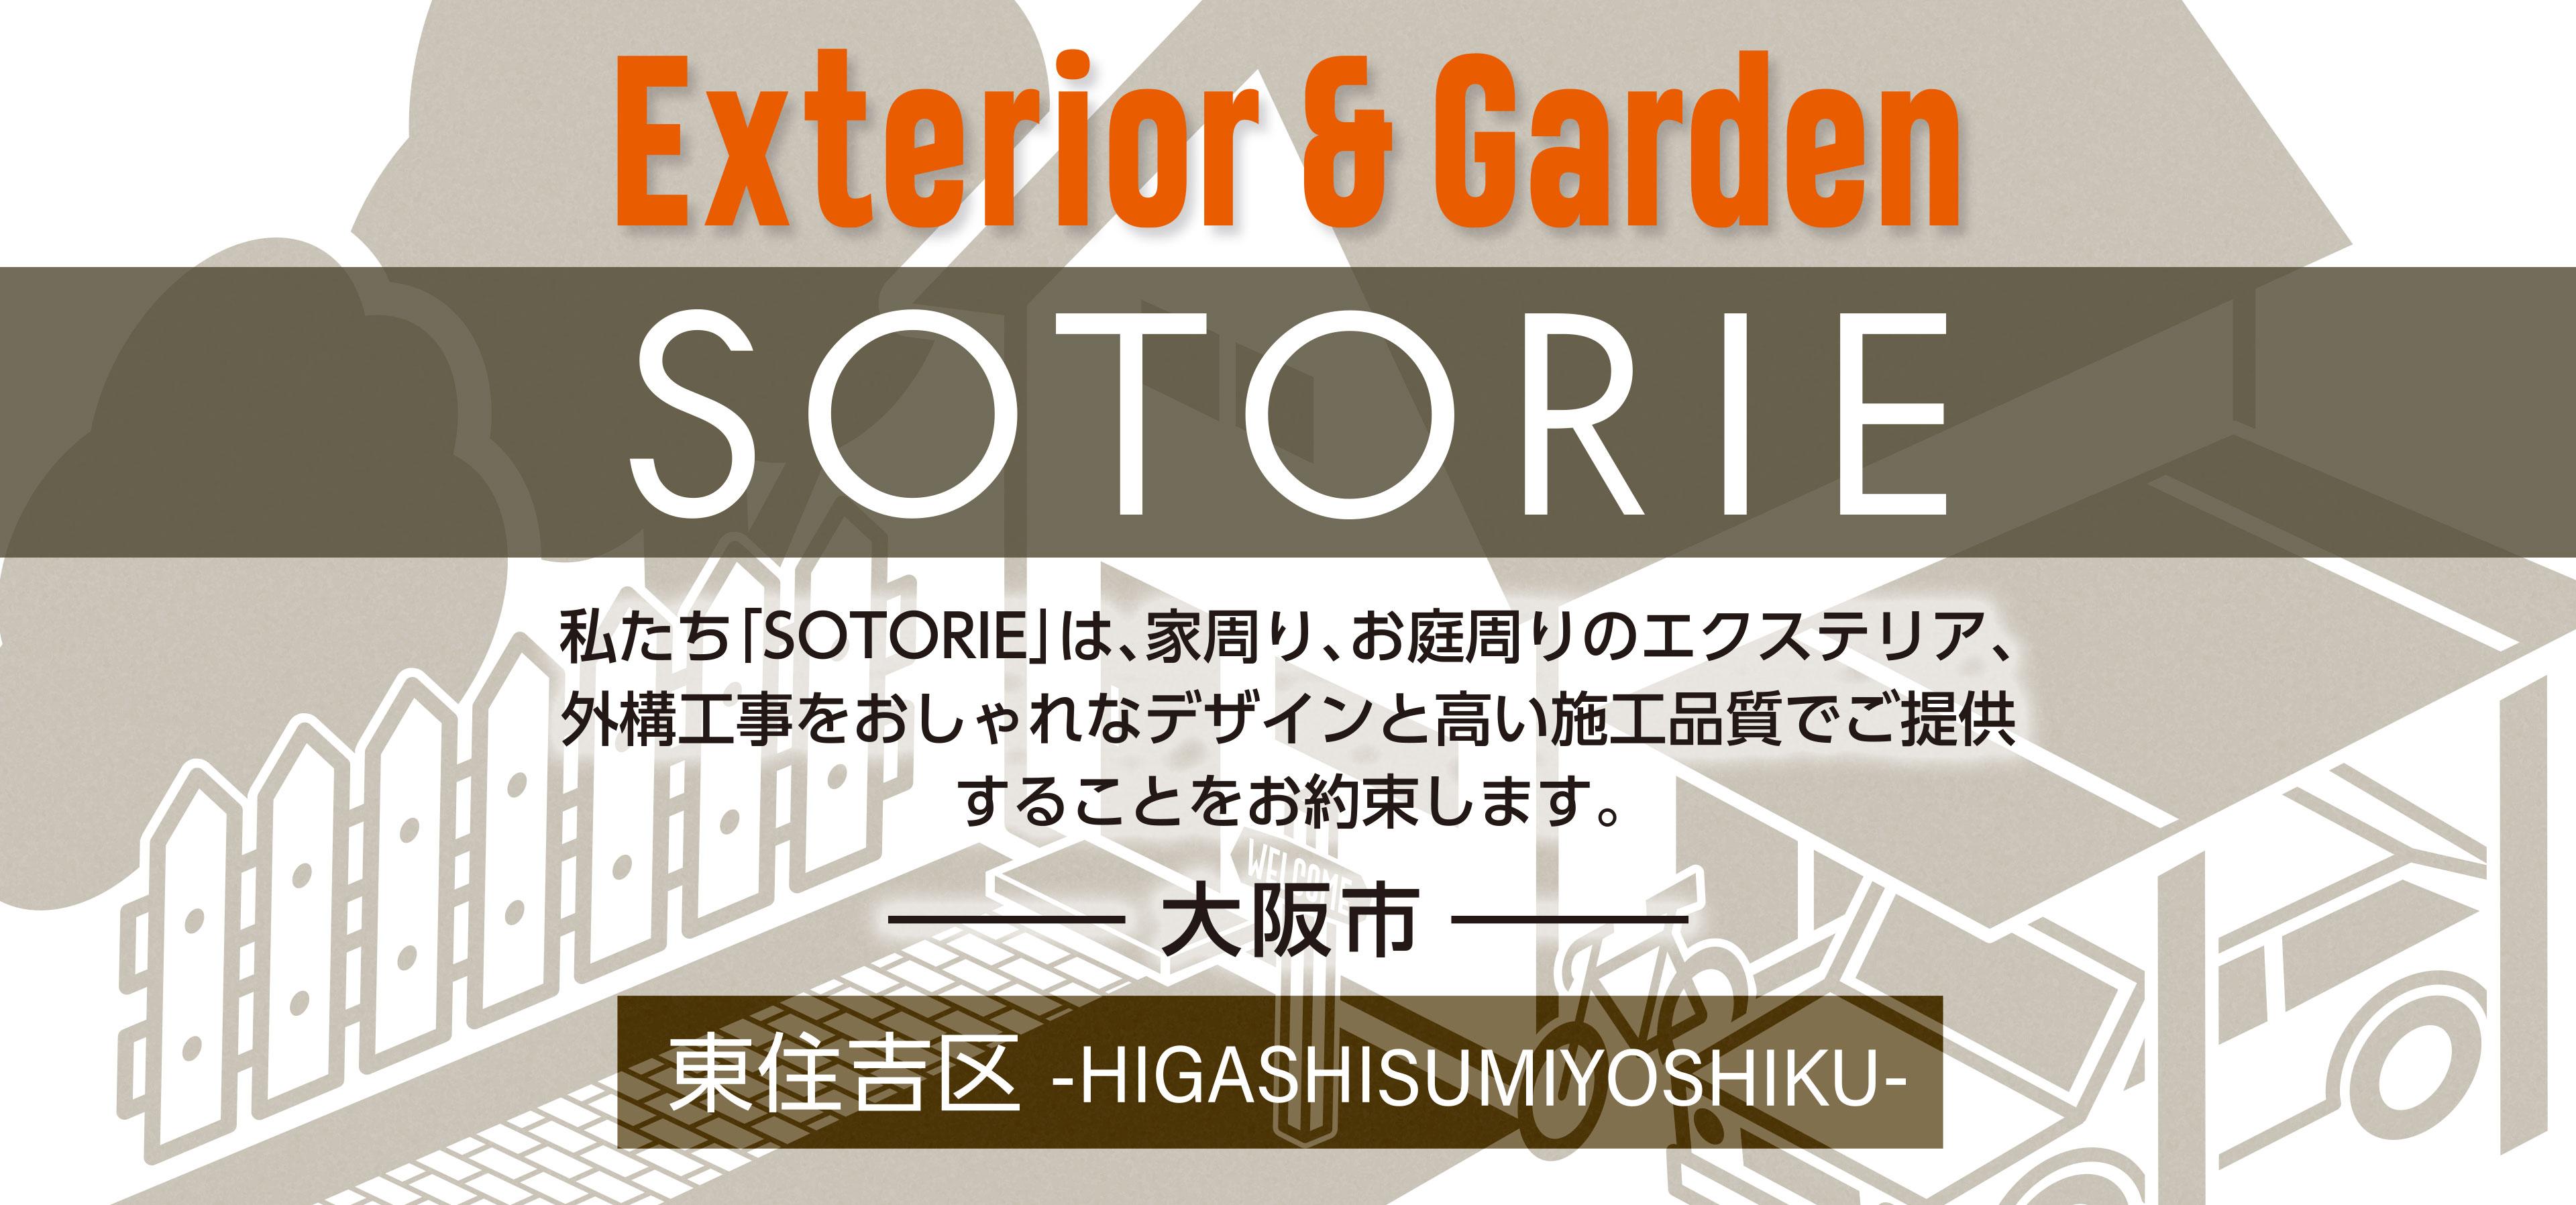 ソトリエ大阪市東住吉区では、家周りと庭周りの外構、エクステリア工事をおしゃれなデザインと高い施工品質でご提供することをお約束します。